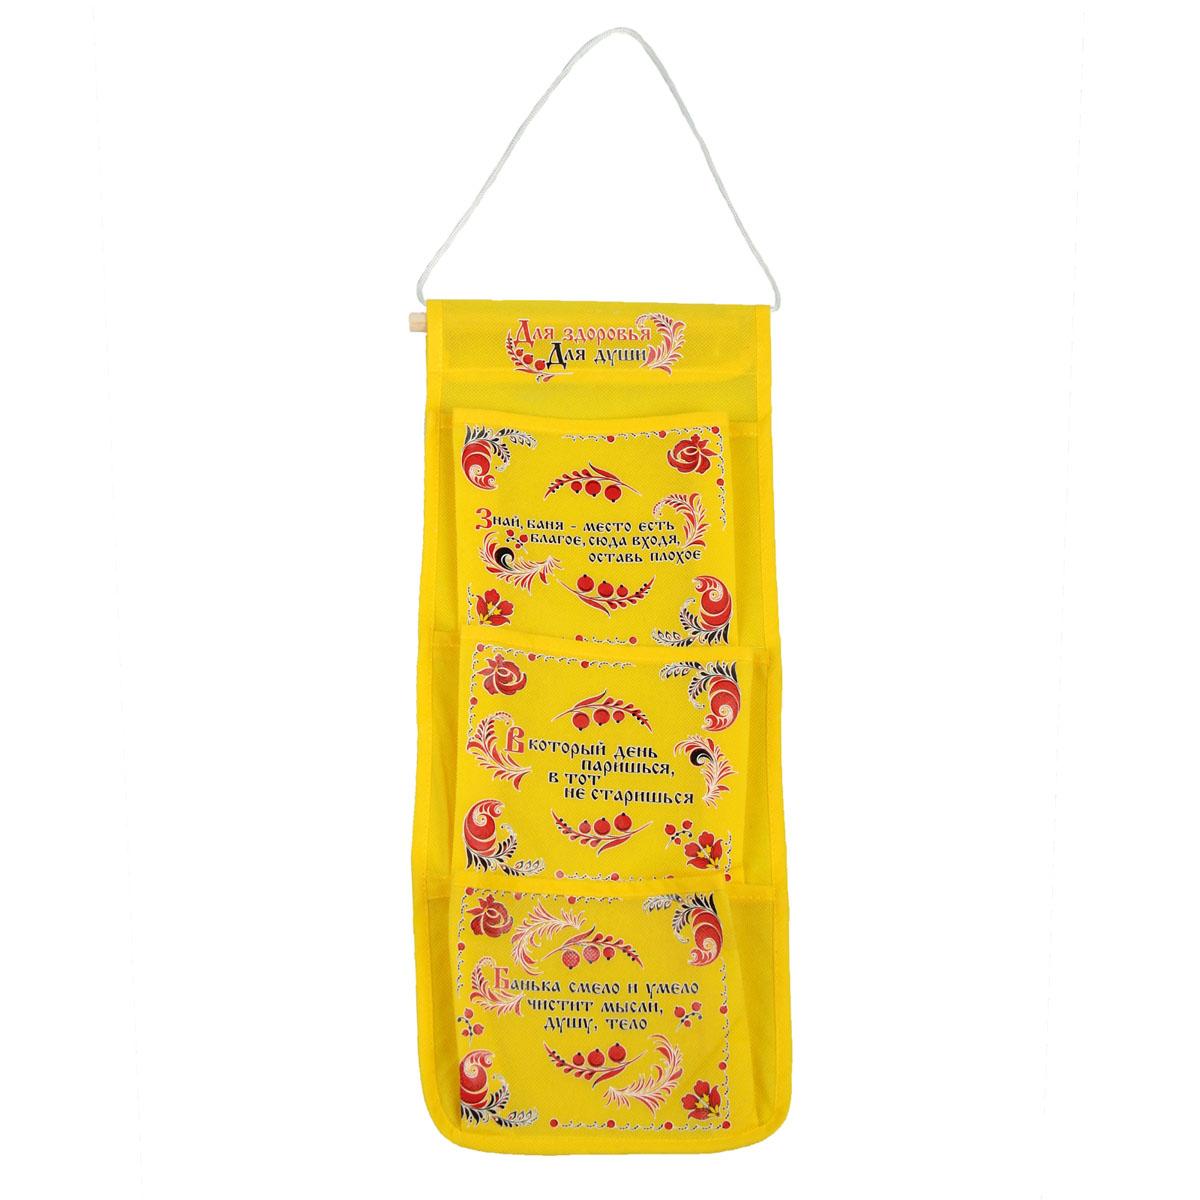 Кармашки на стену для бани Sima-land Для здоровья, для души, цвет: желтый, 3 шт866552Кармашки на стену Sima-land Для здоровья, для души, изготовленные из текстиля, предназначены для хранения необходимых вещей, множества мелочей в бане или ванной комнате. Изделие представляет собой текстильное полотно с тремя пришитыми кармашками. Благодаря деревянной планке и шнурку, кармашки можно подвесить на стену или дверь в необходимом для вас месте. Кармашки декорированы надписями с пословицами про баню. Этот нужный предмет может стать одновременно и декоративным элементом бани или ванной комнаты.